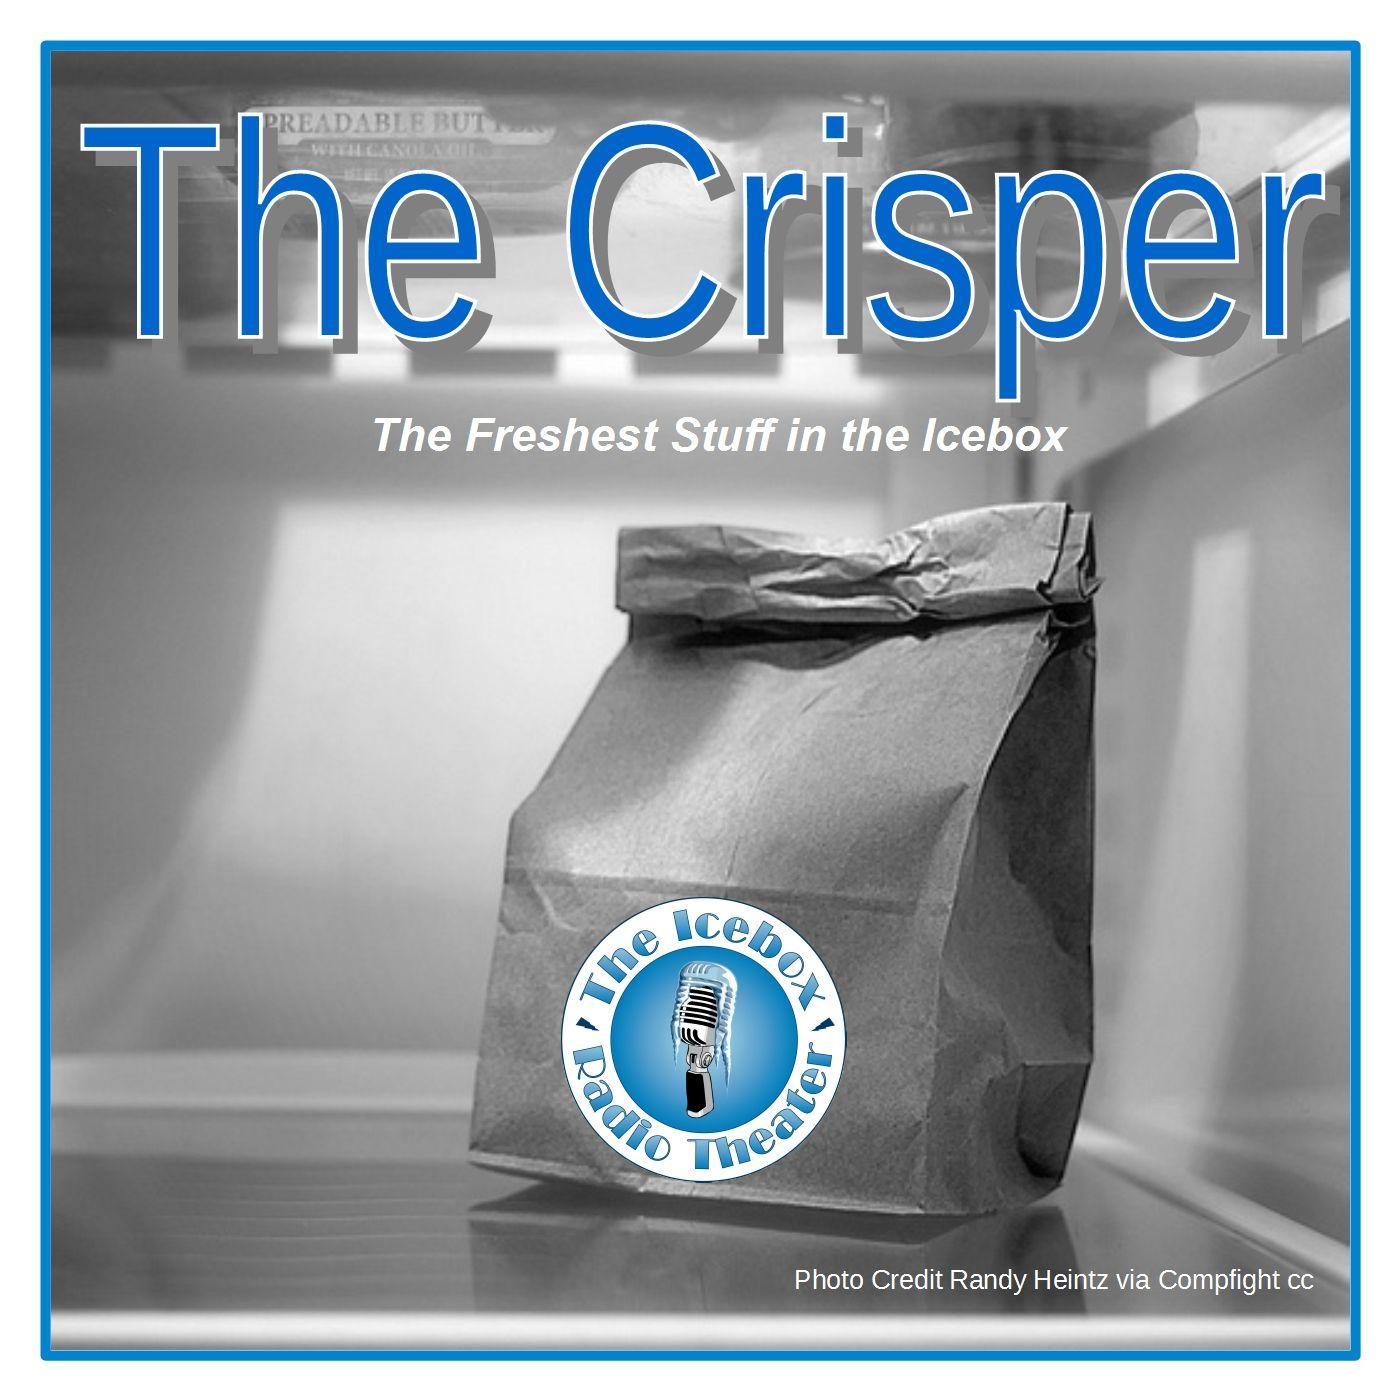 The Crisper